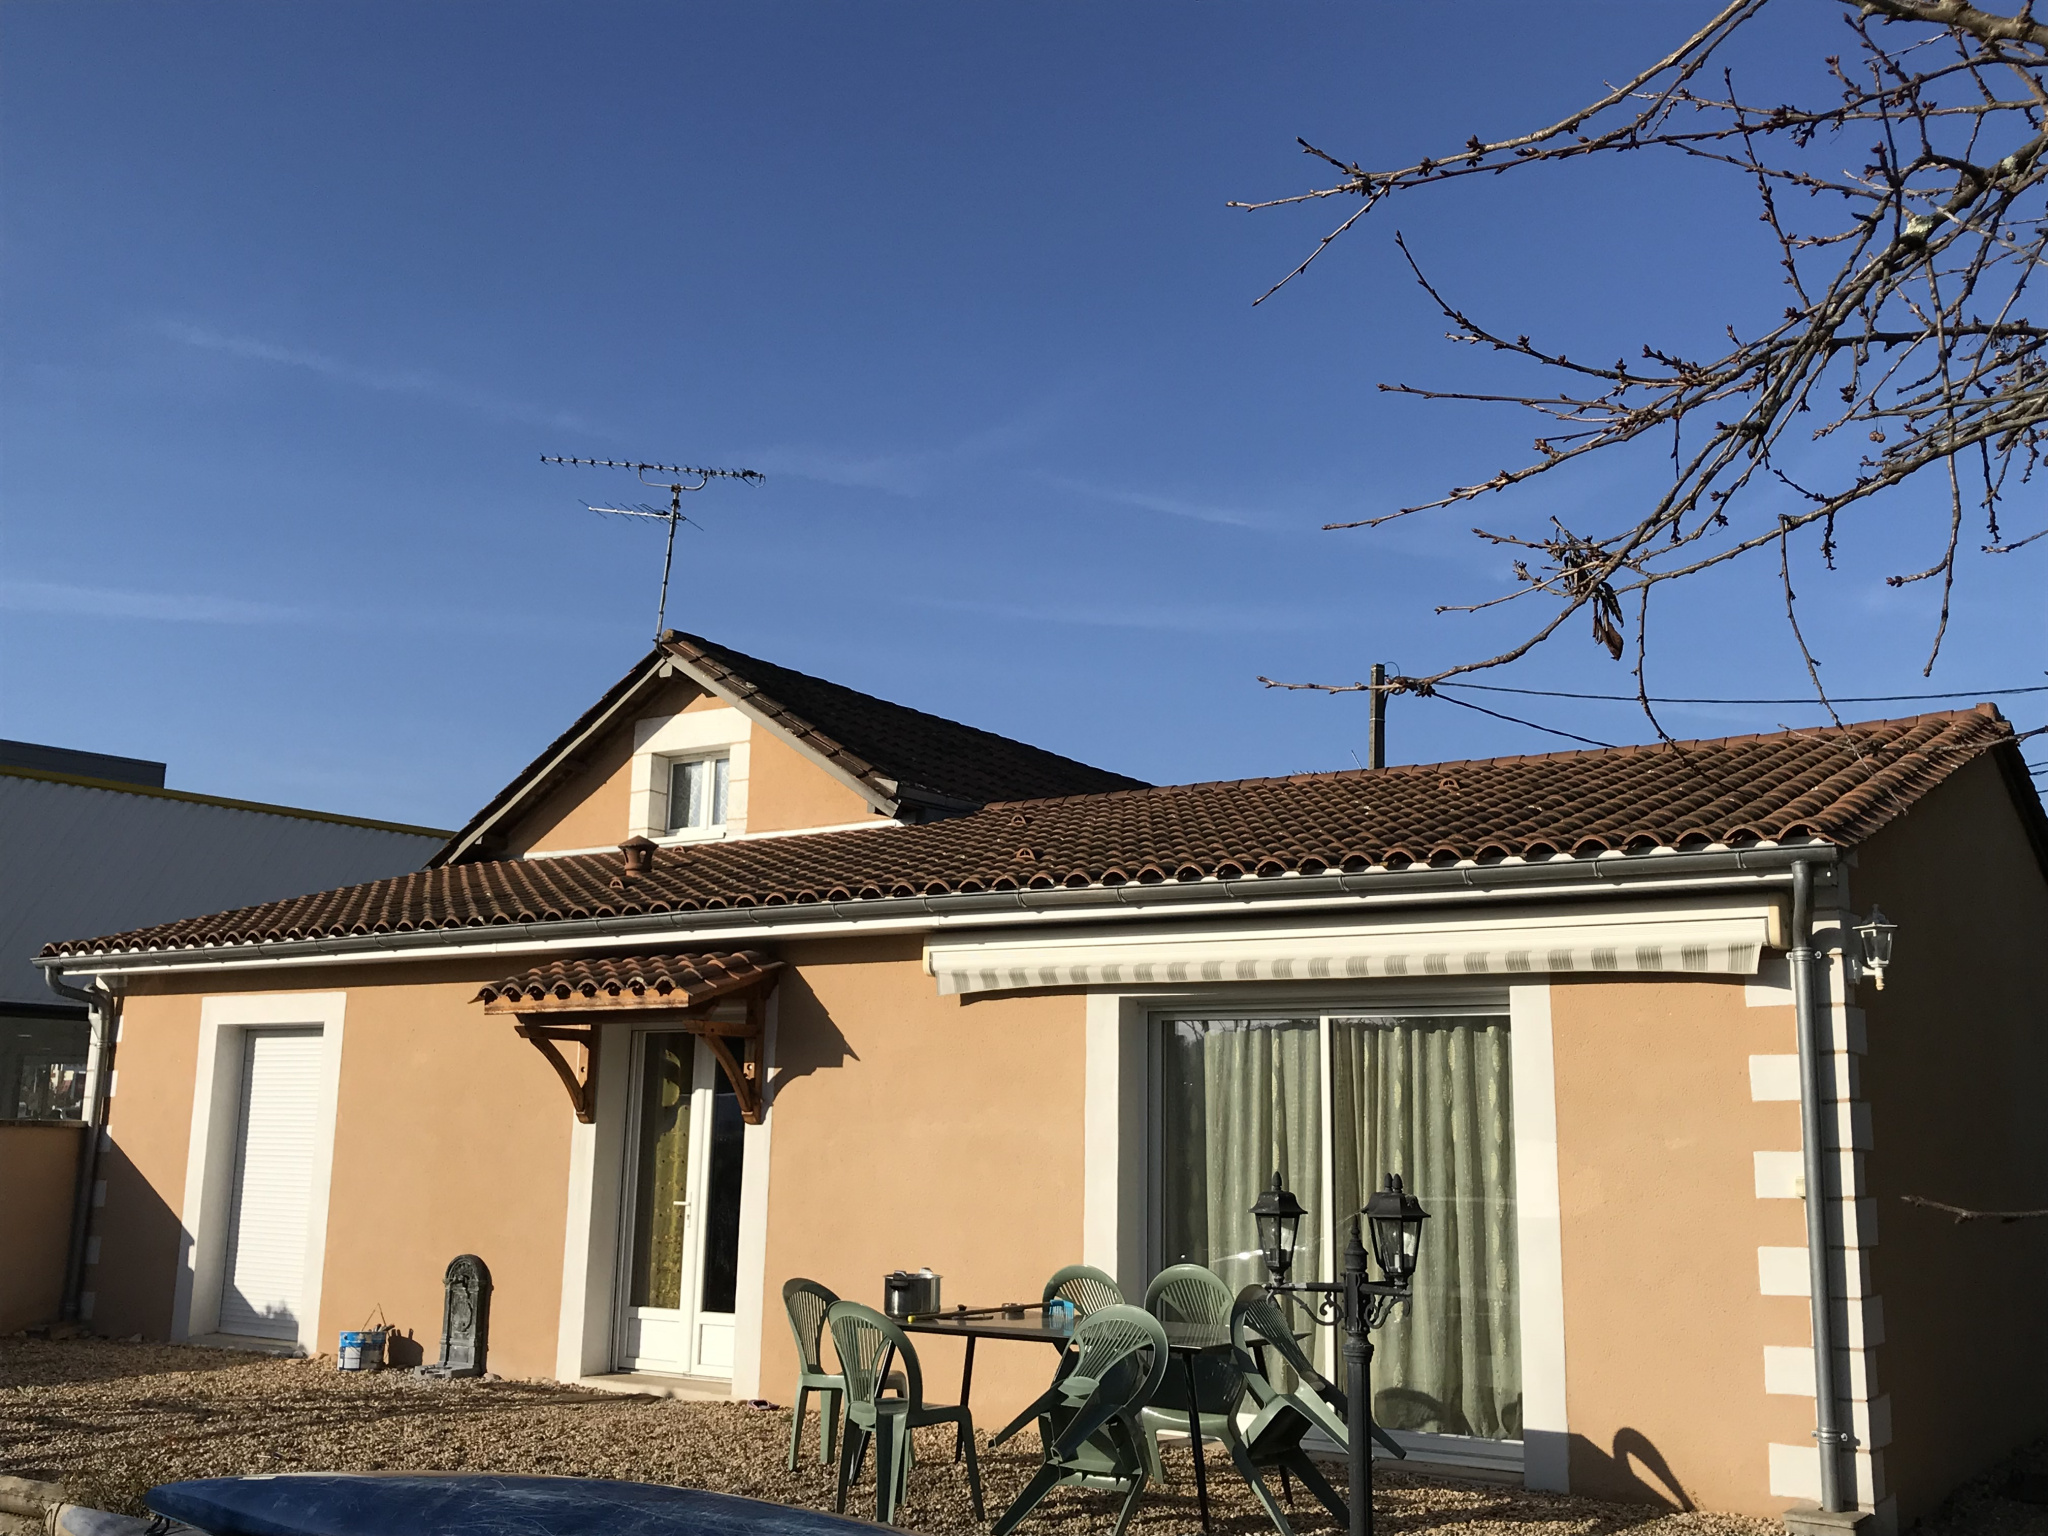 Annonce vente maison p rigueux 24000 118 m 191 700 for Vente maison perigueux